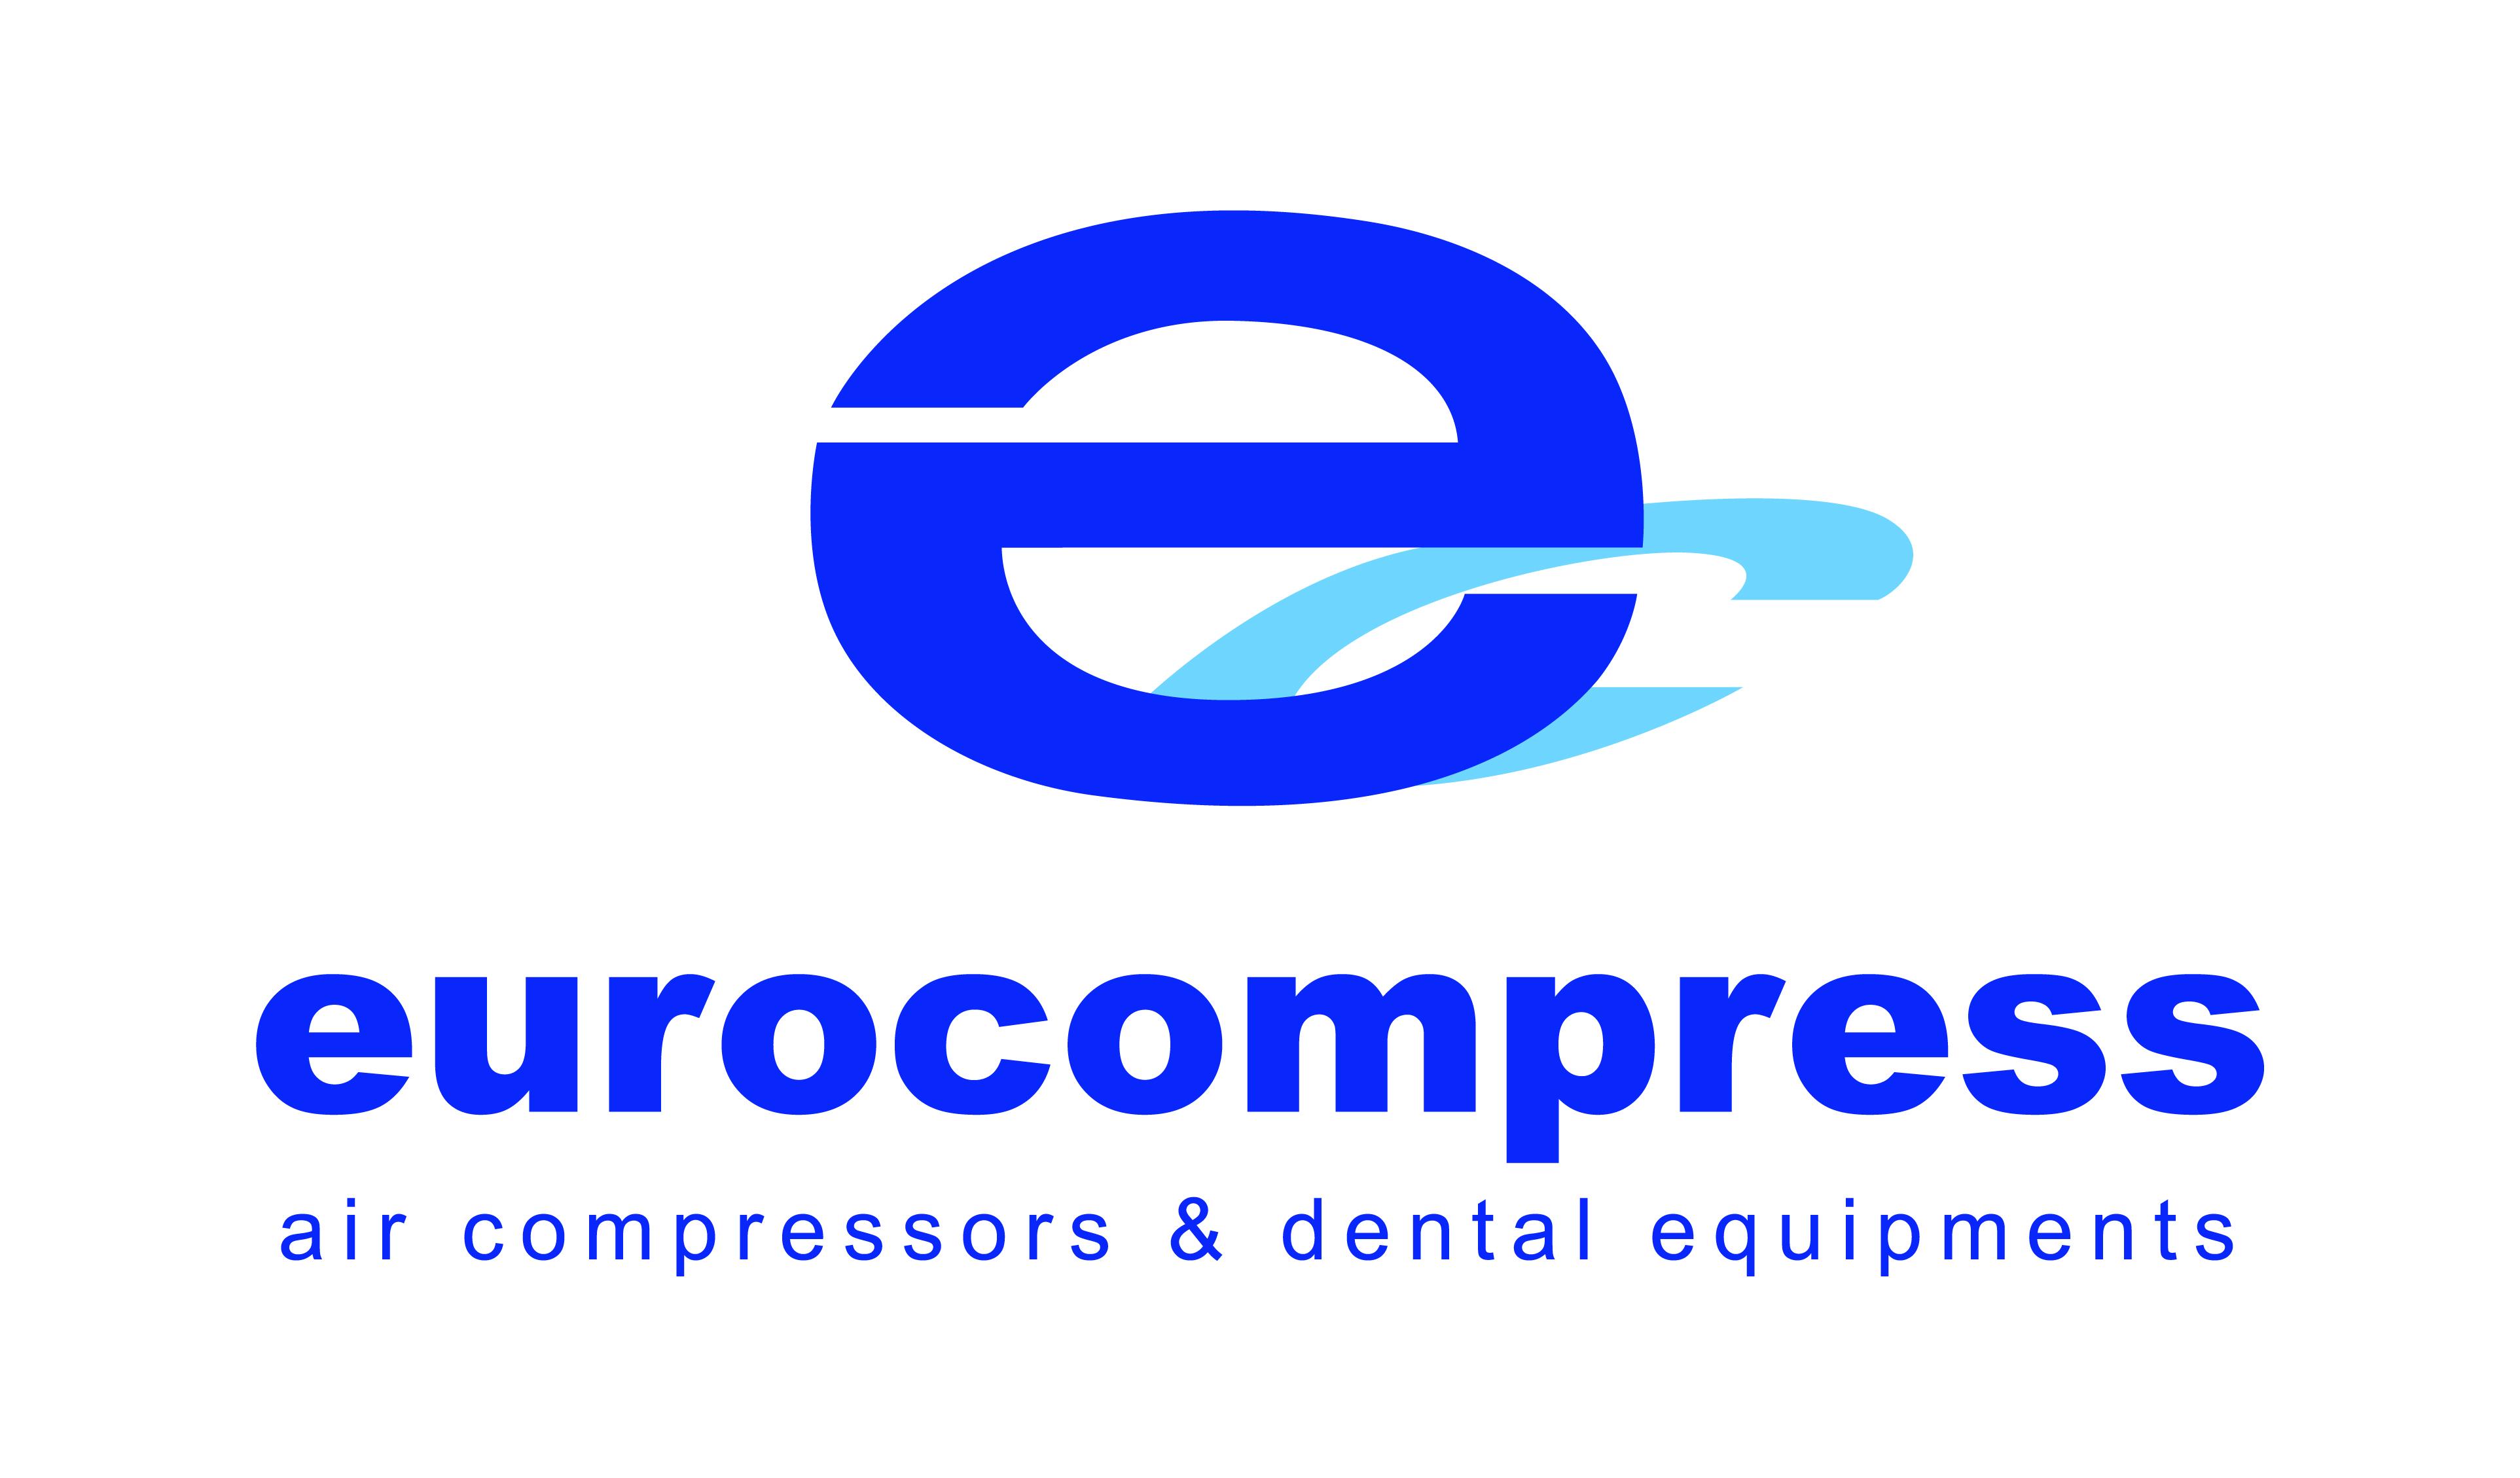 Eurocompress - Air Compressors & Dental Equipments